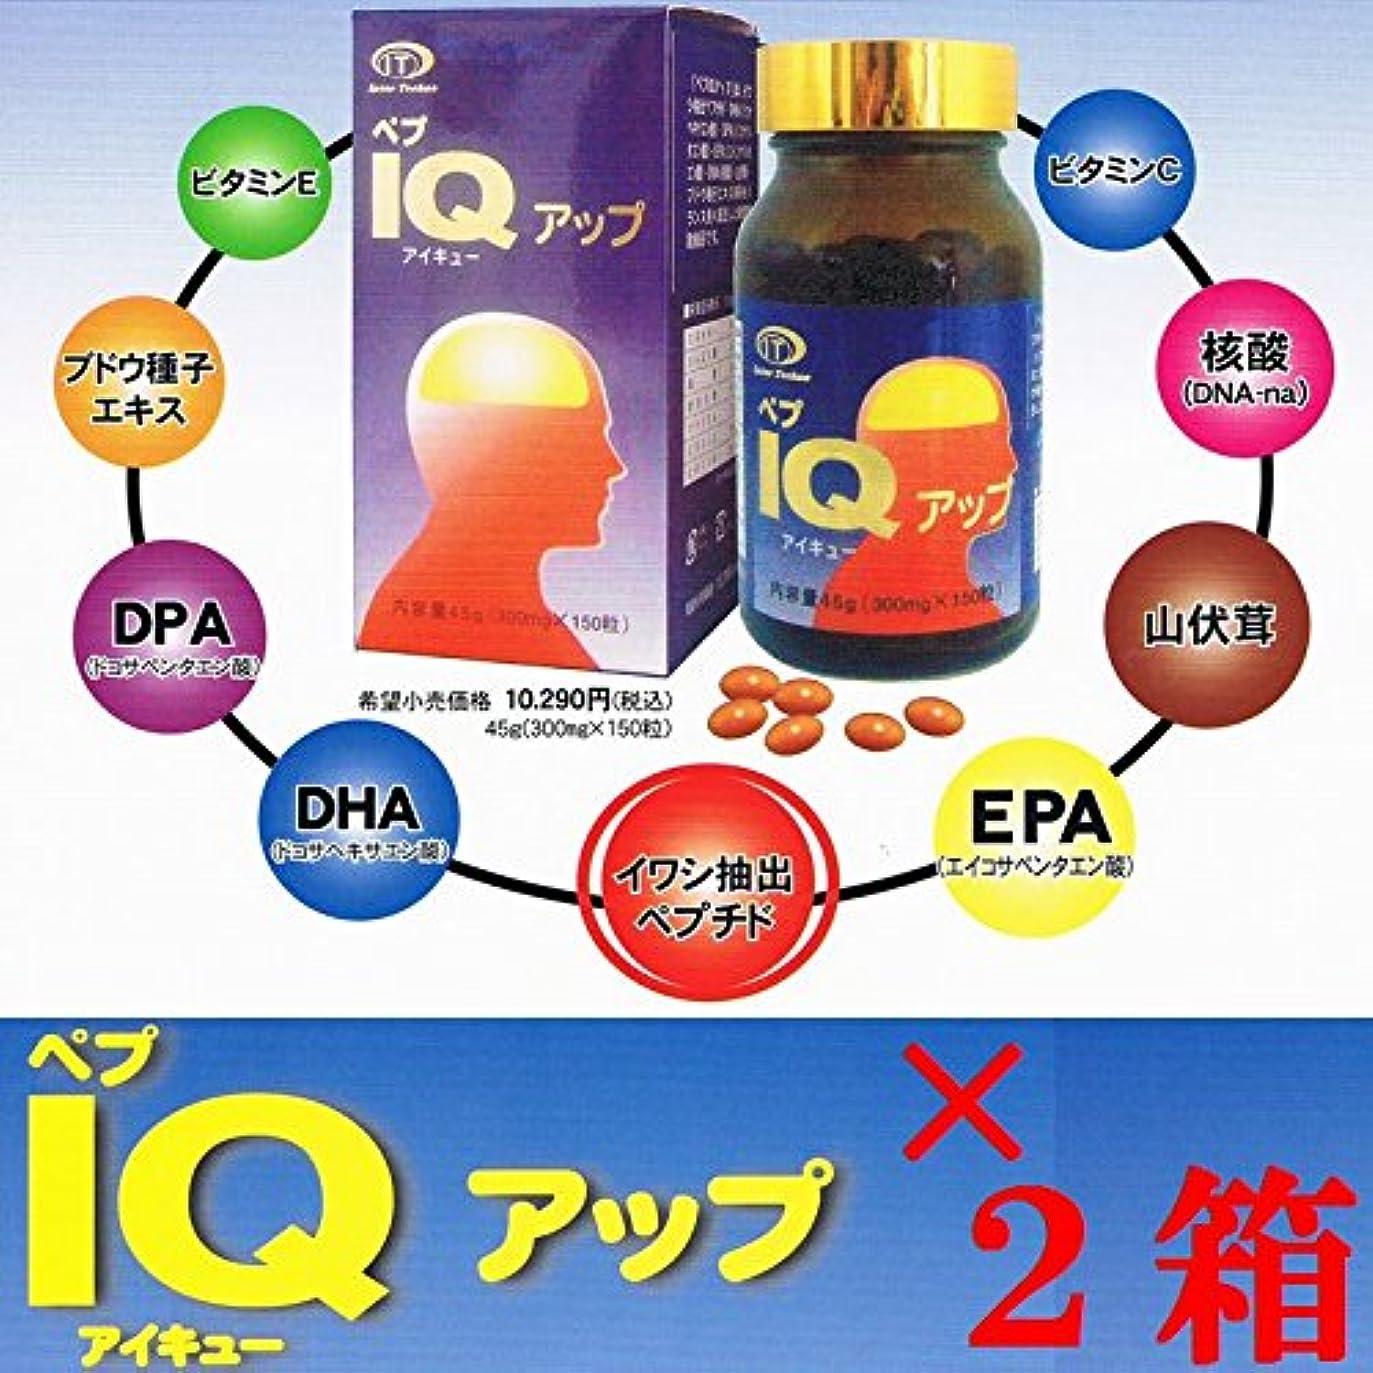 かける食欲伝統ペプIQアップ 150粒 ×お得2箱セット 《記憶?思考、DHA、EPA》